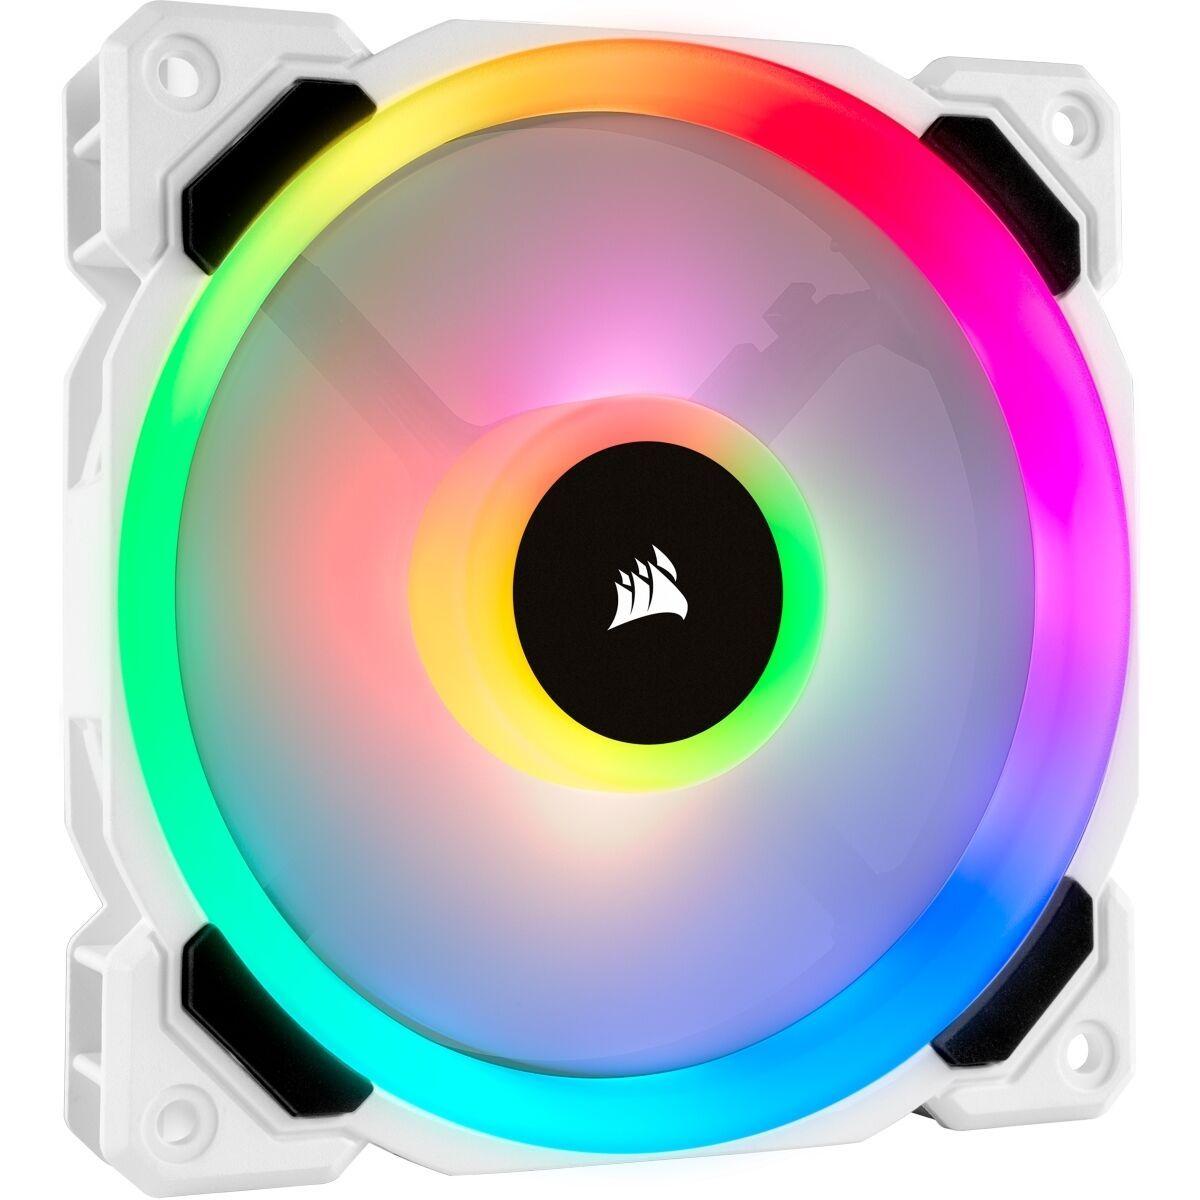 Corsair LL120 RGB-Gehäuselüfter (weiss) | Amazon Prime & Notebooksbilliger